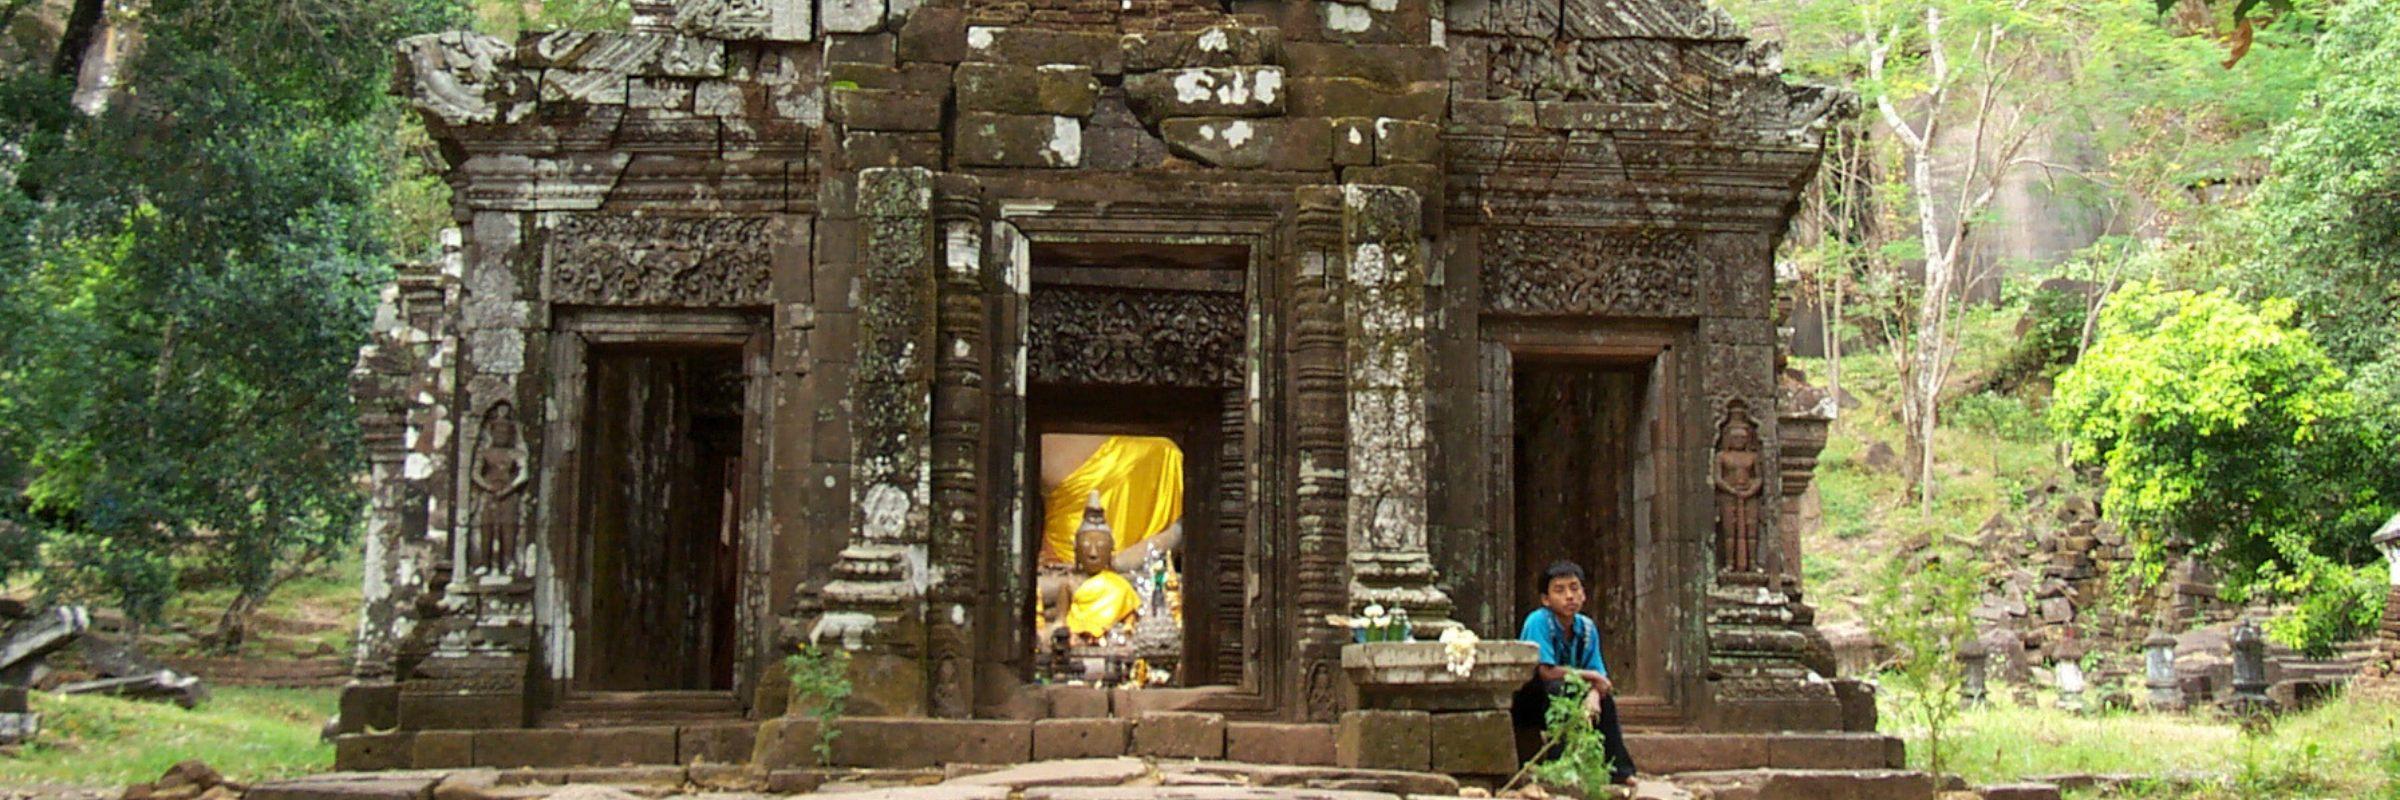 Der Tempel Wat Phou ist das bedeutendste Relikt der Khmer in Laos und zählt zum UNESCO Weltkulturerbe